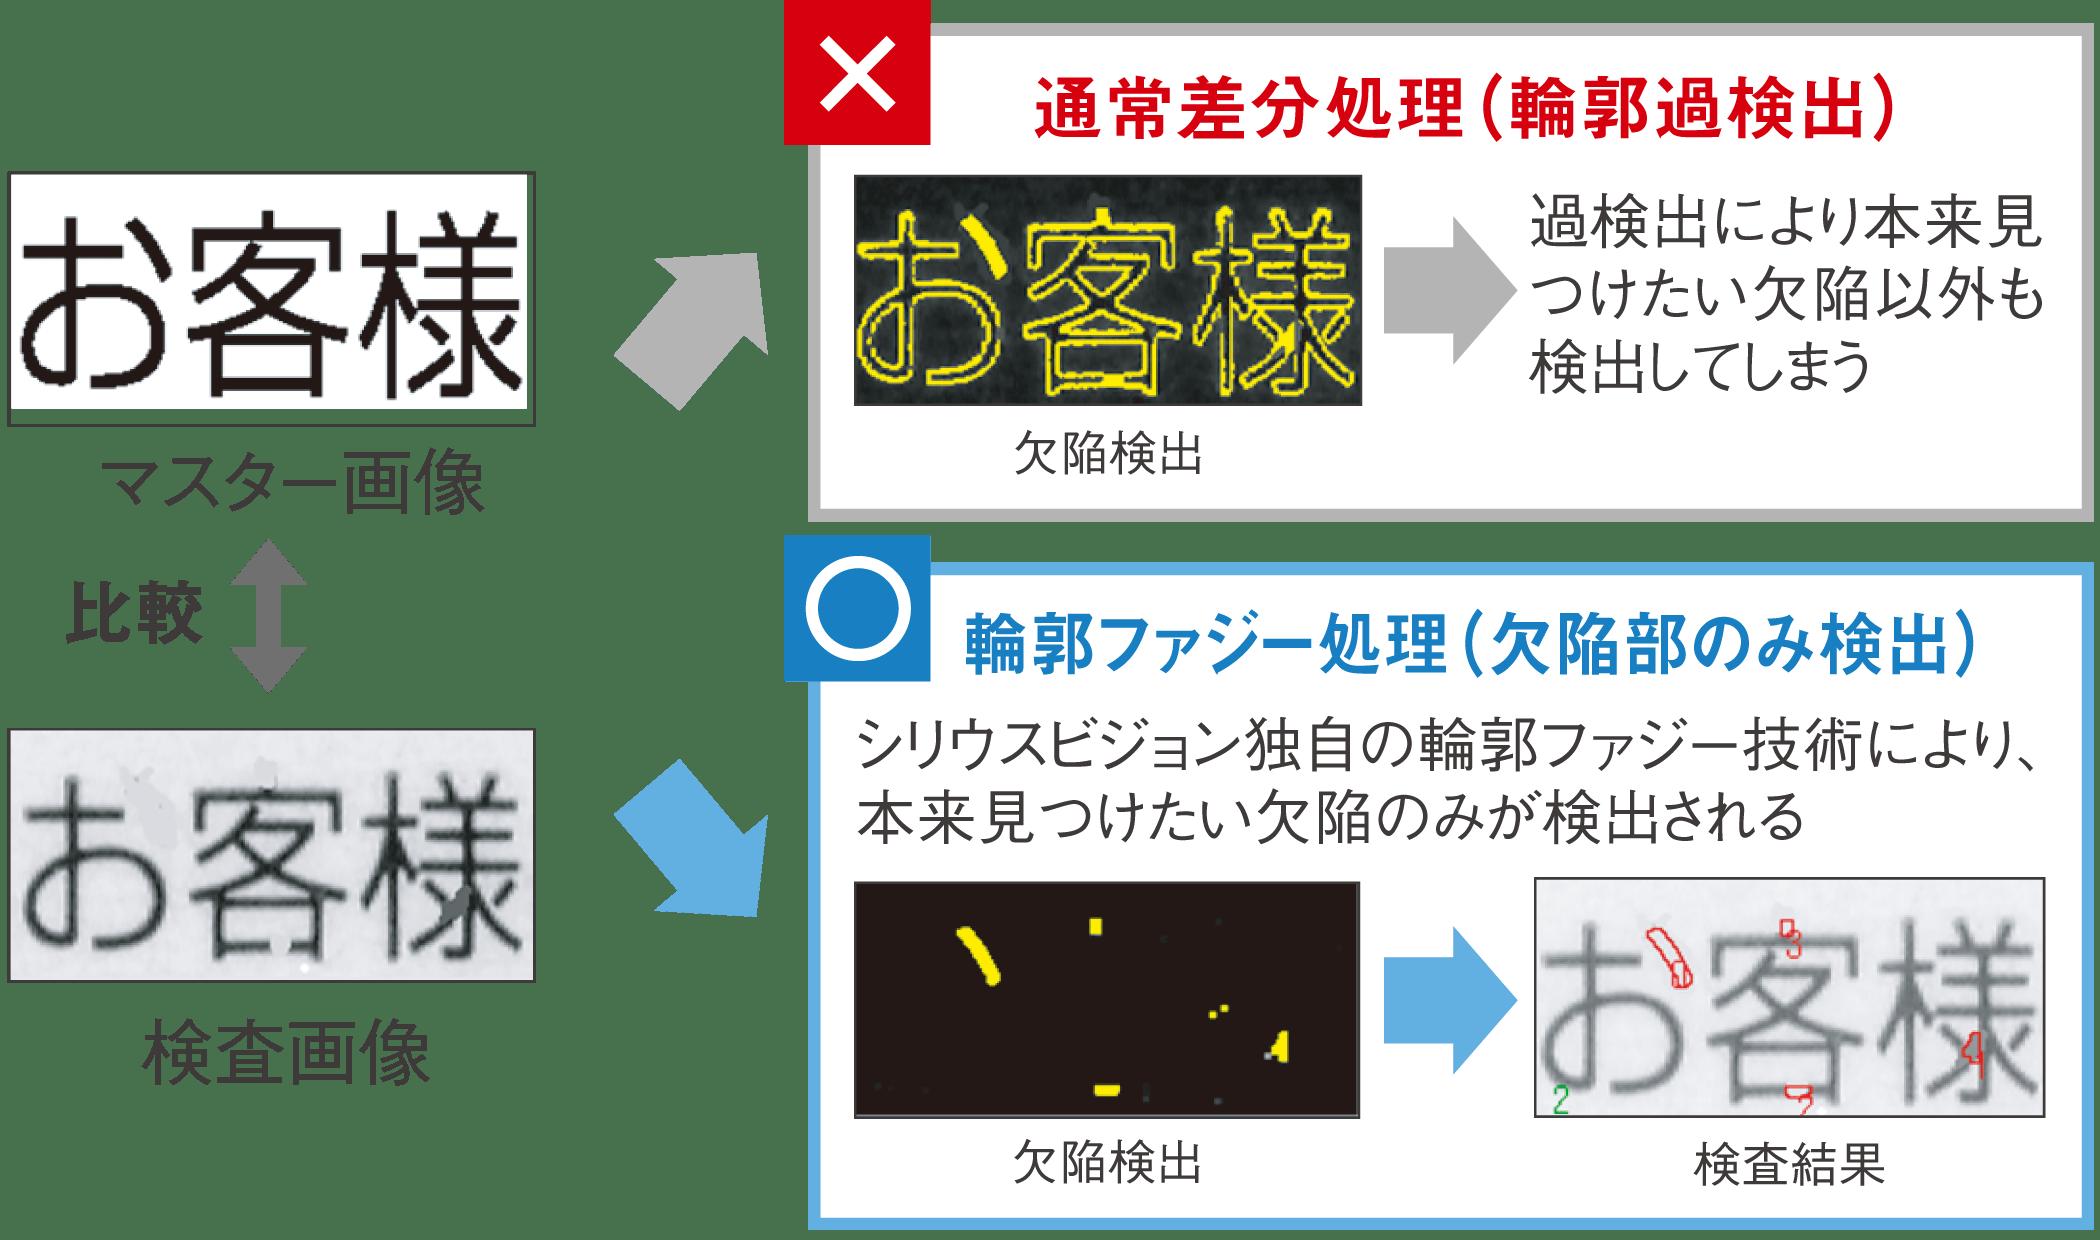 輪郭ファジー処理のサンプル